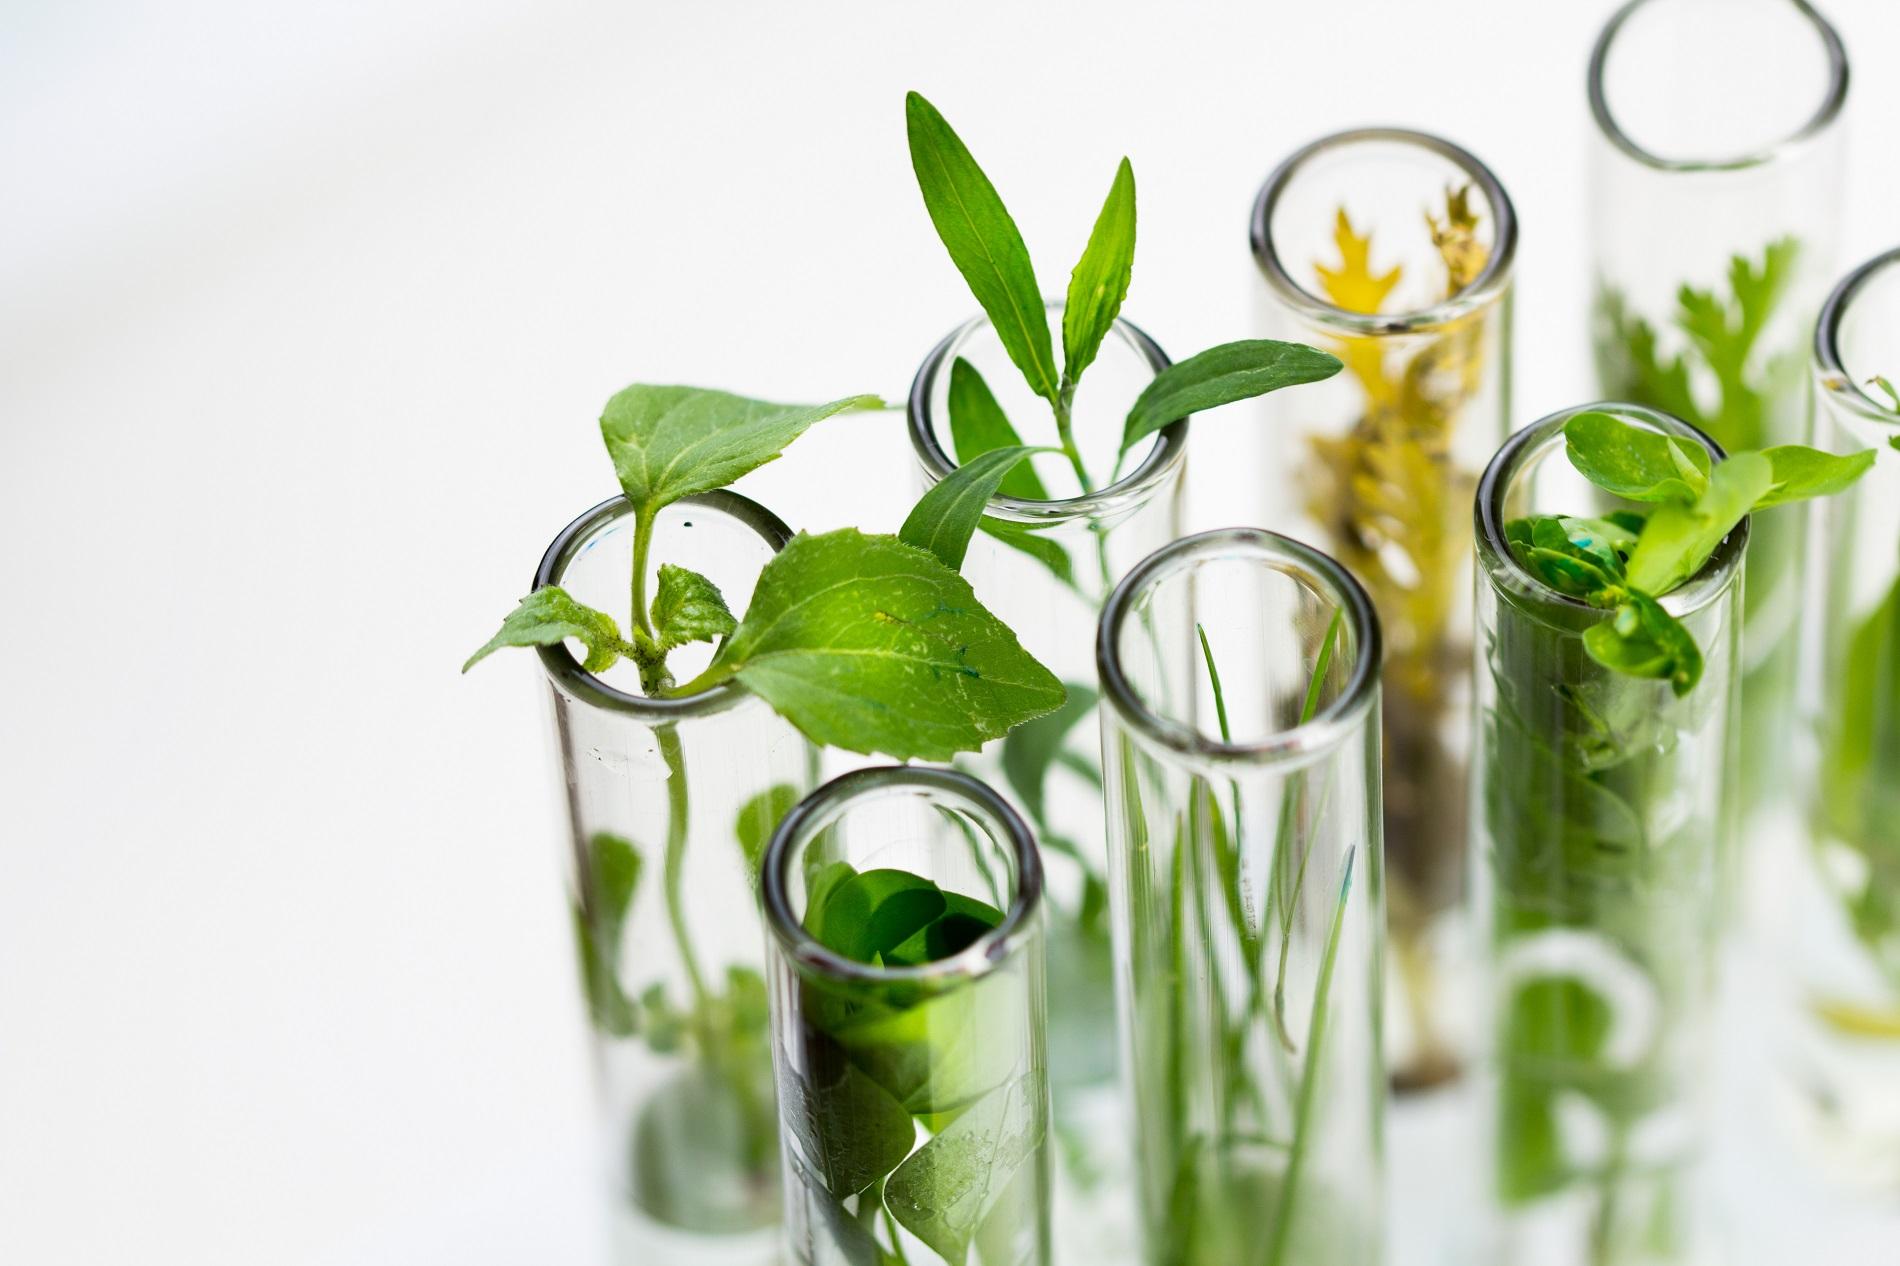 La inversión en sanidad vegetal como compromiso de innovación y sostenibilidad